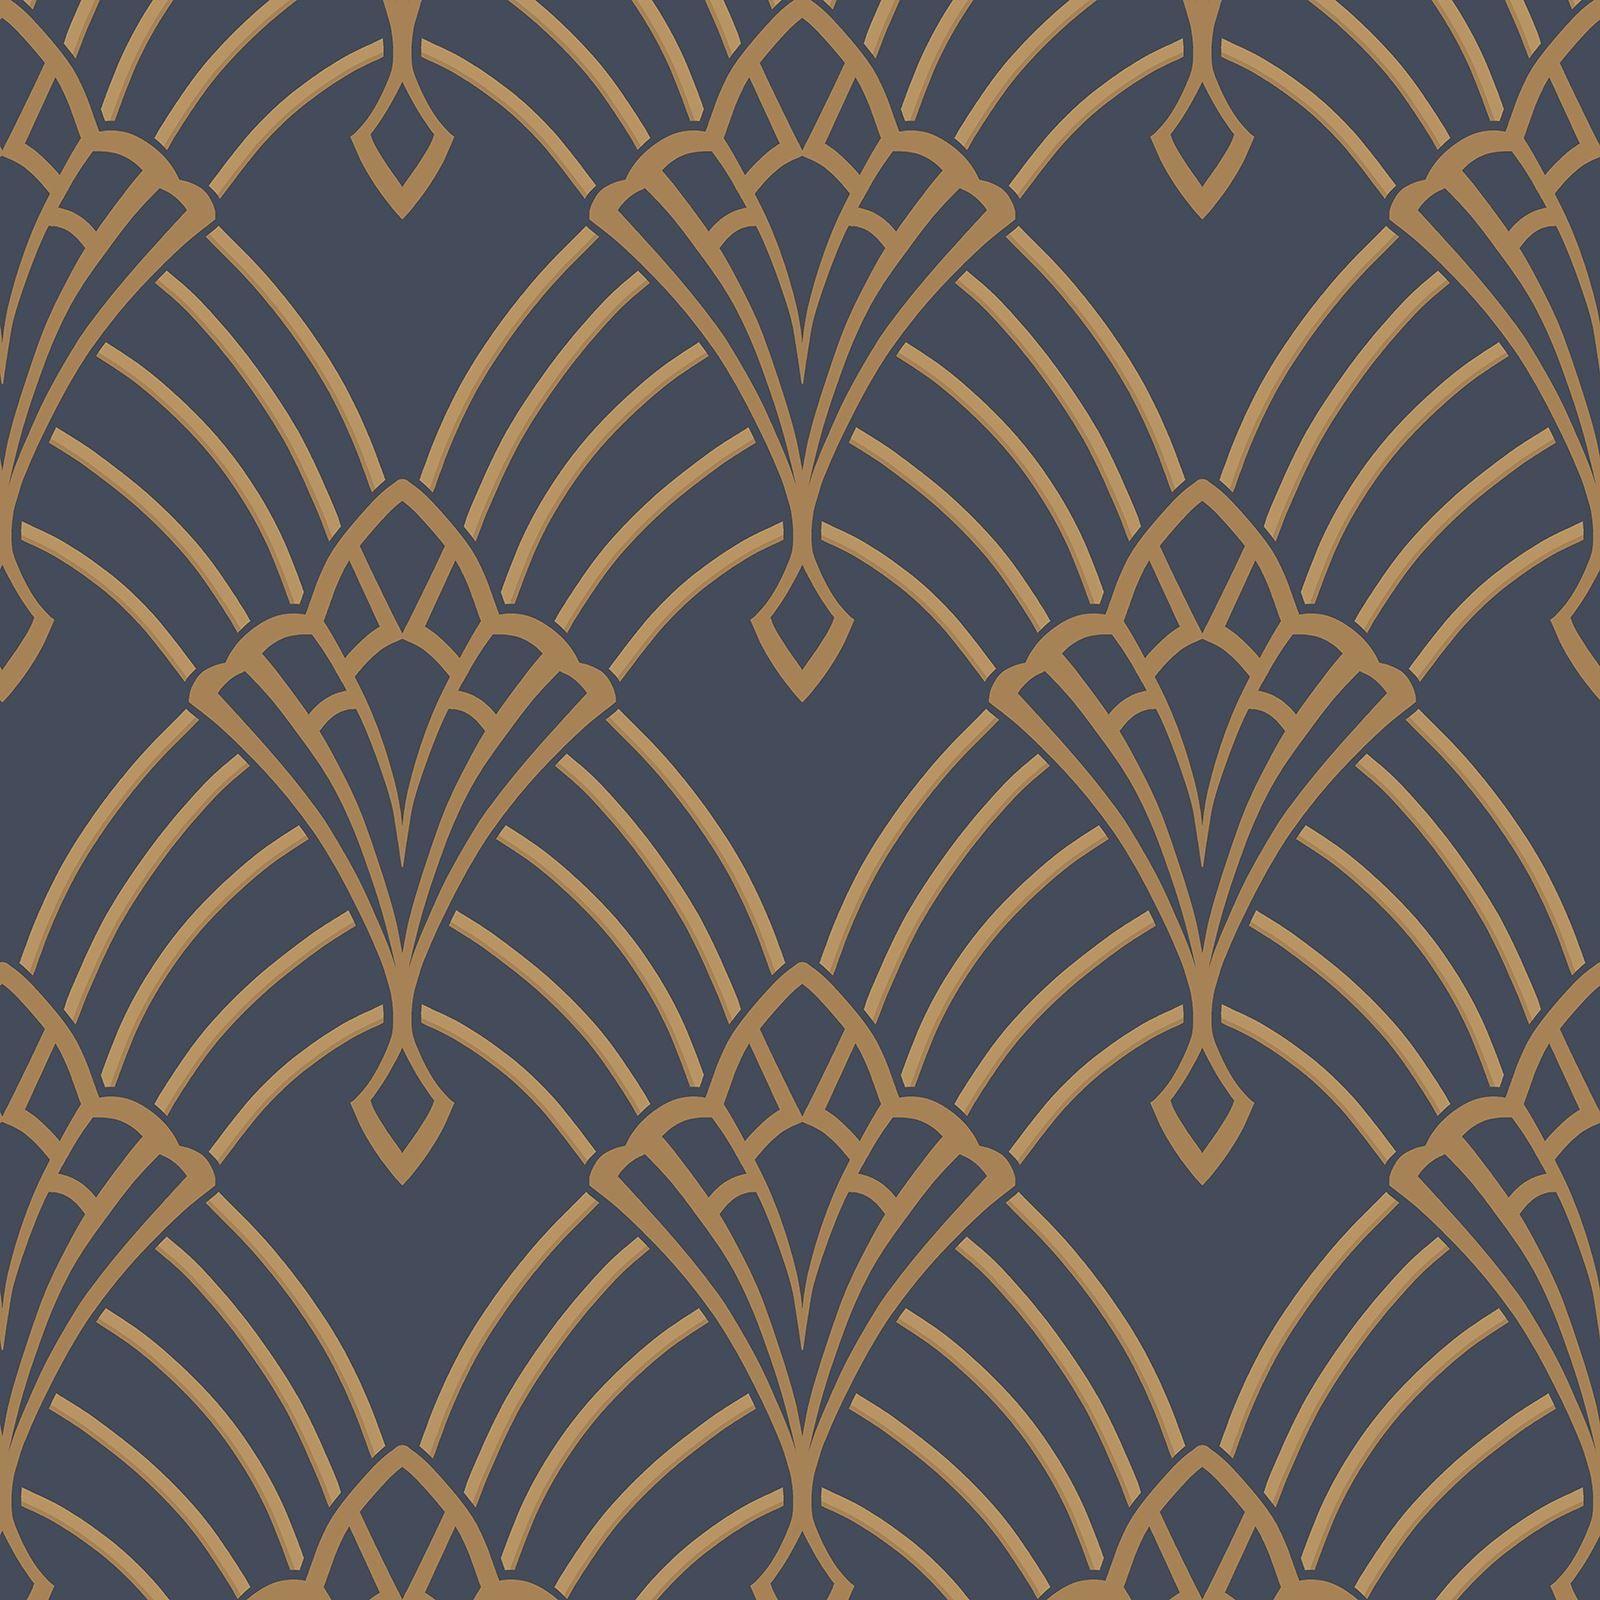 Art Nouveau Wallpapers Top Free Art Nouveau Backgrounds Wallpaperaccess